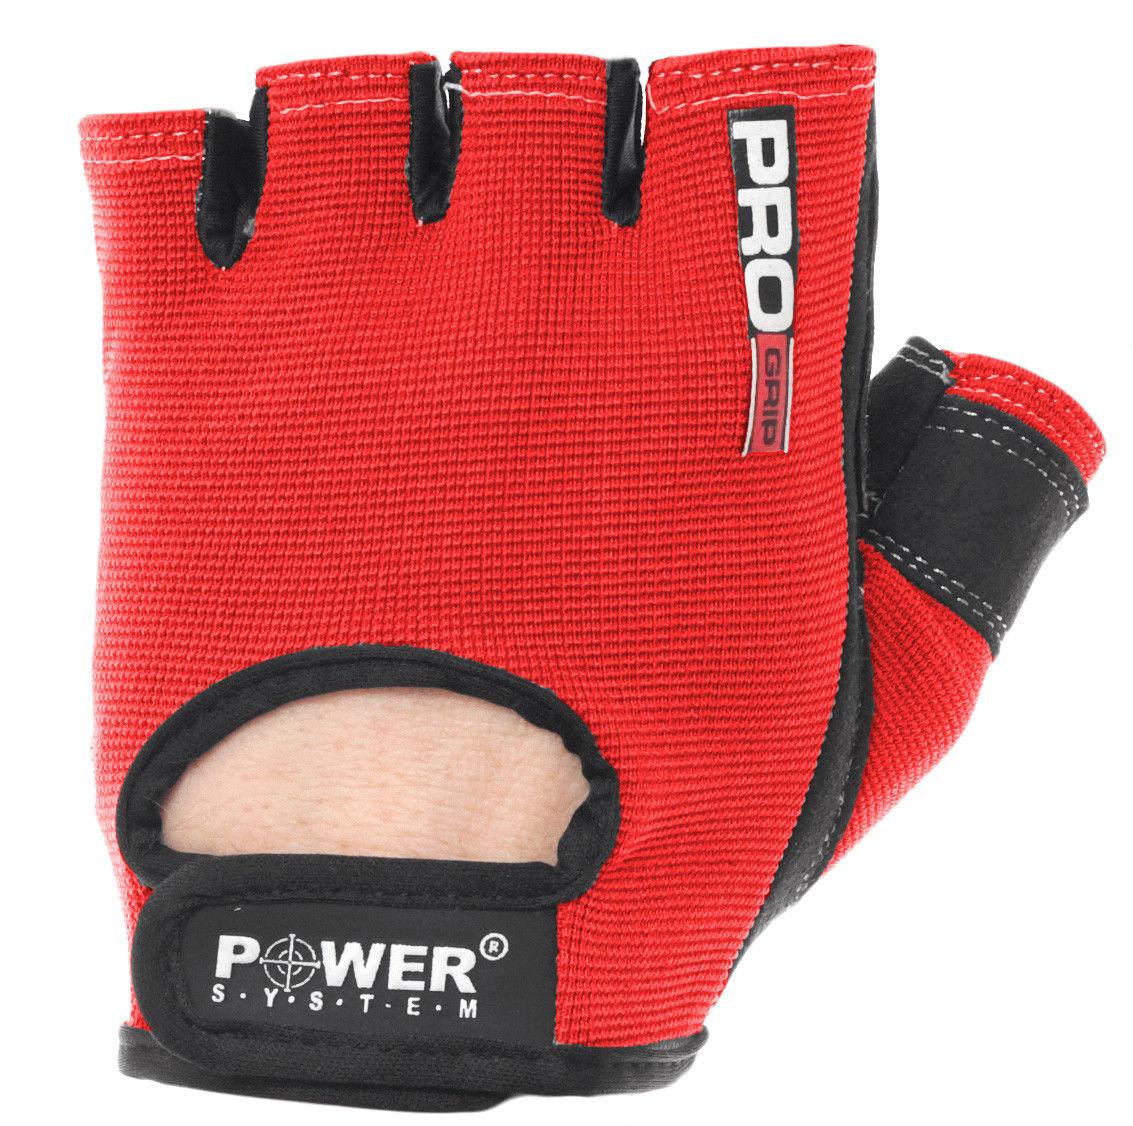 Перчатки Power System Pro Grip PS-2250 L, красный фото видео изображение